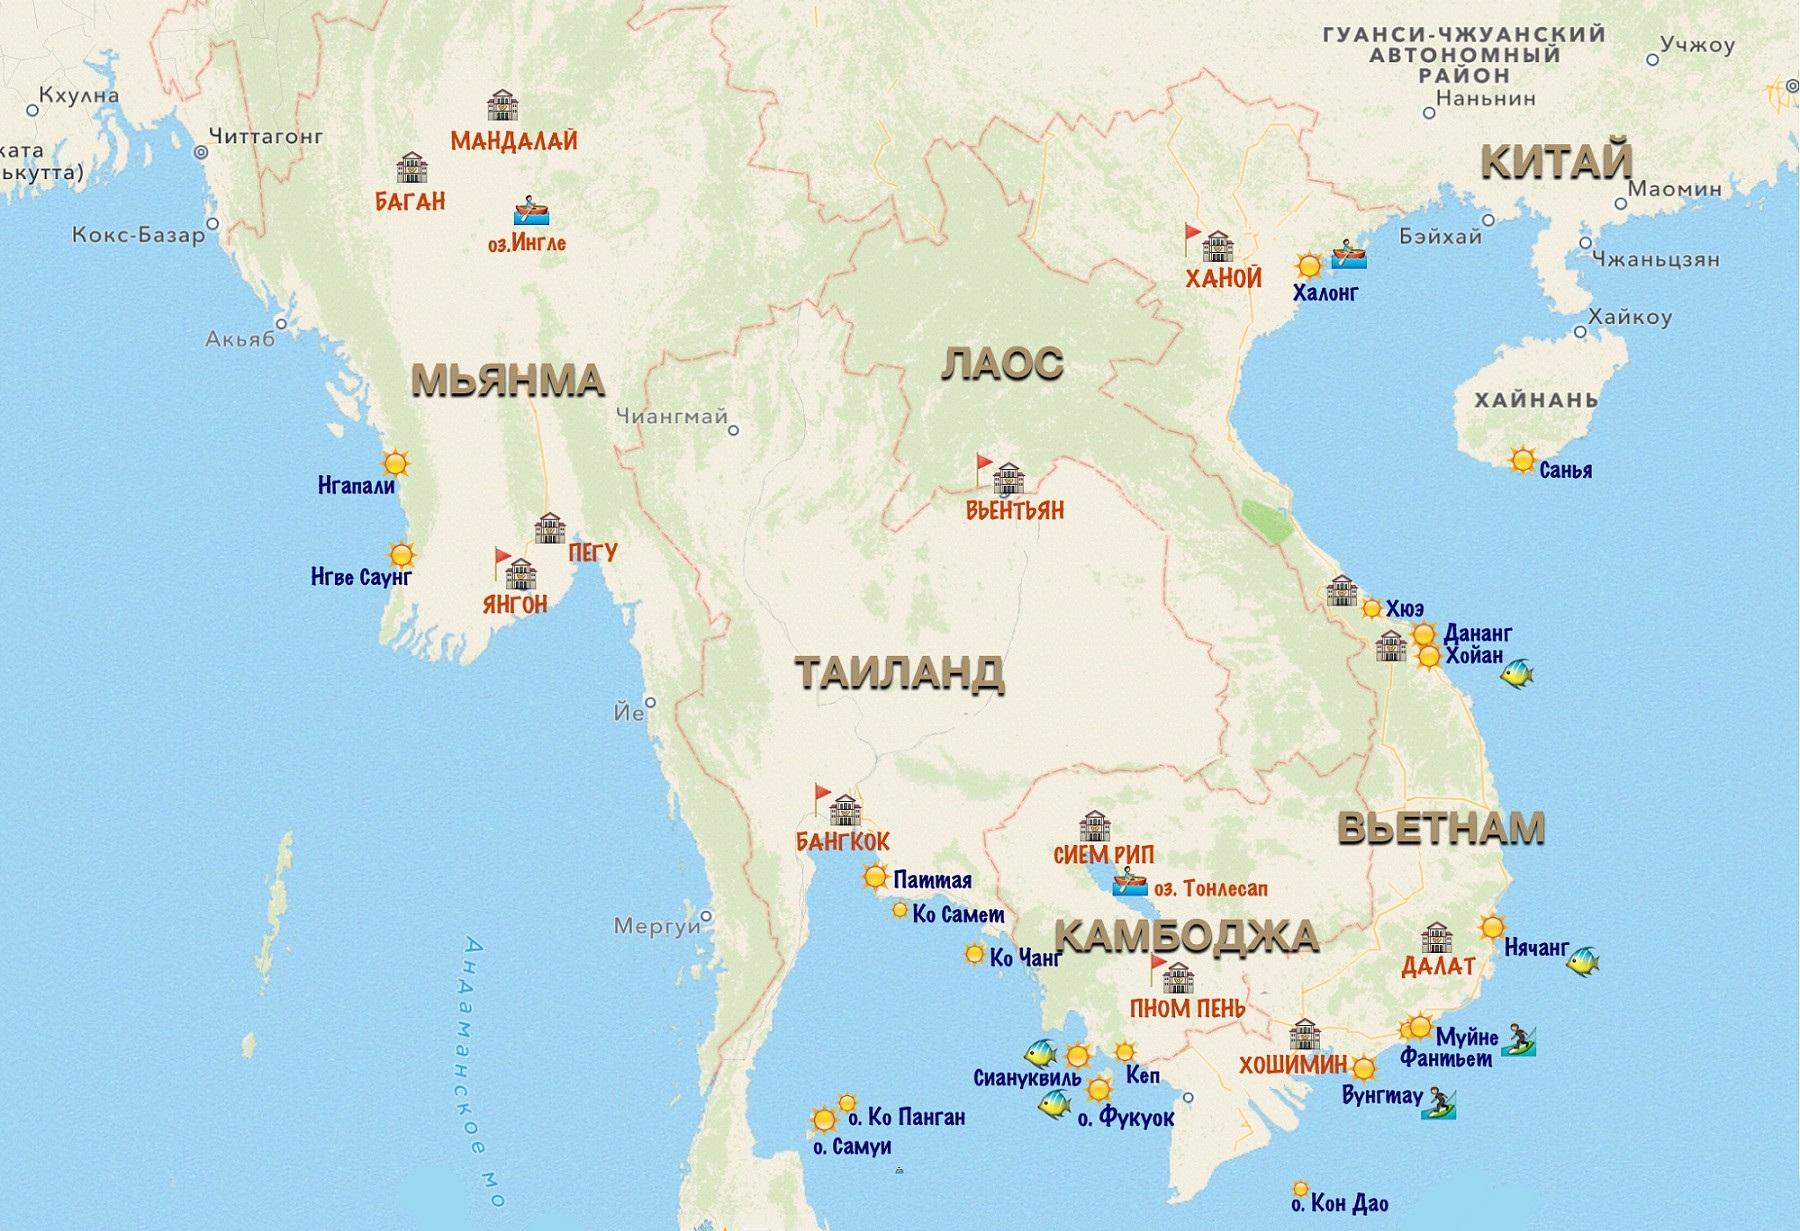 Карта Вьетнама на русском языке с главными курортами